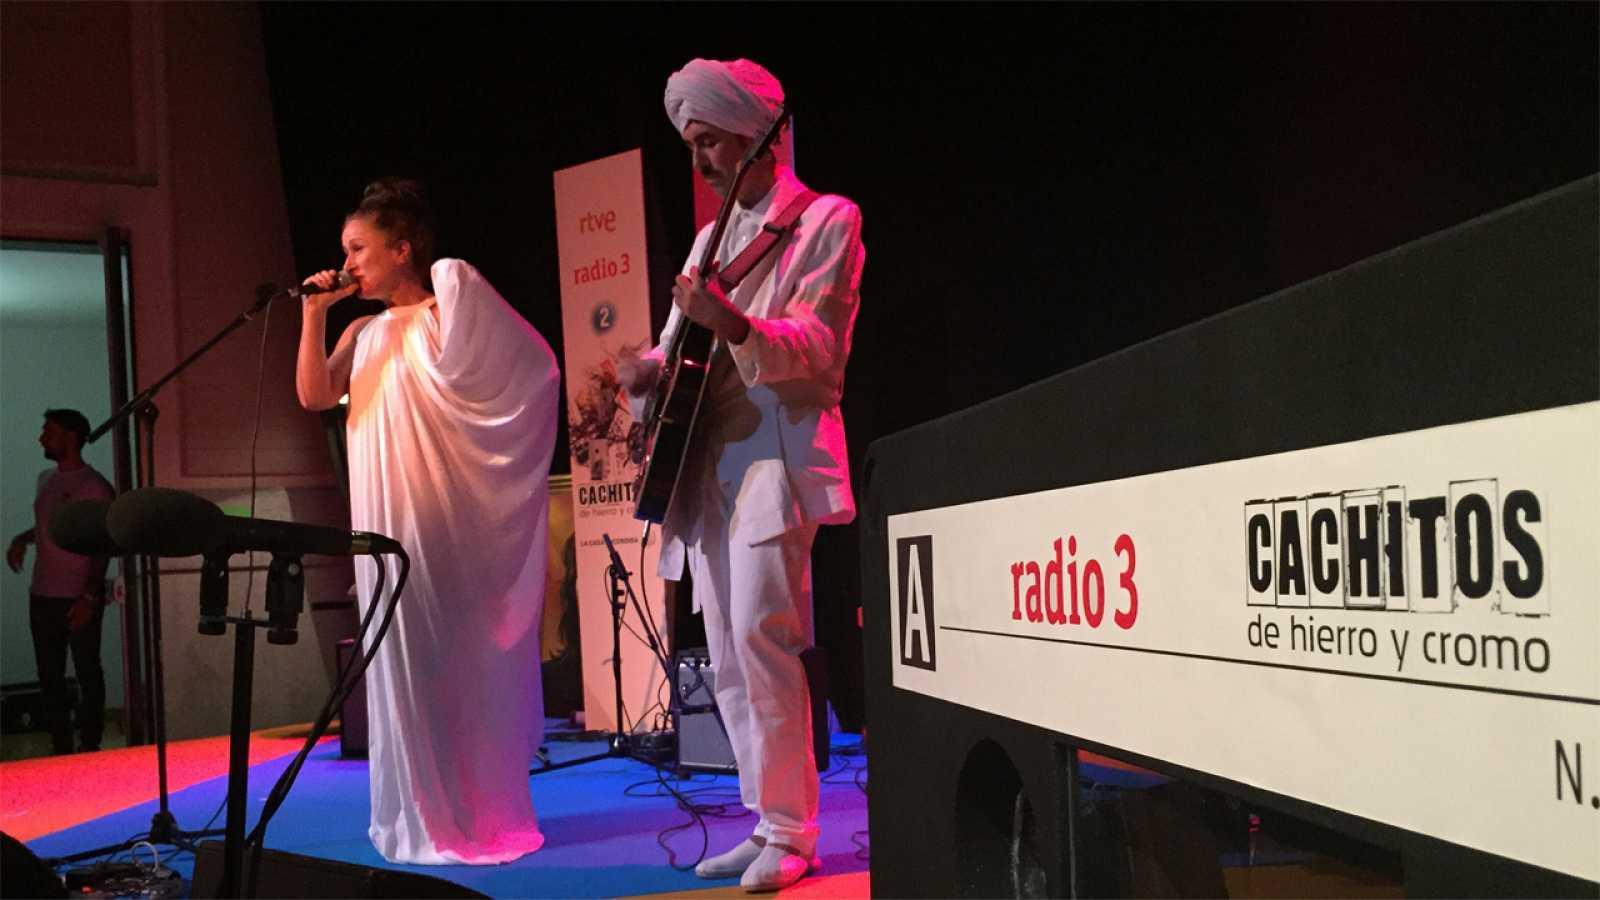 Fiesta de Cachitos y Radio 3 - 15/09/15 - escuchar ahora